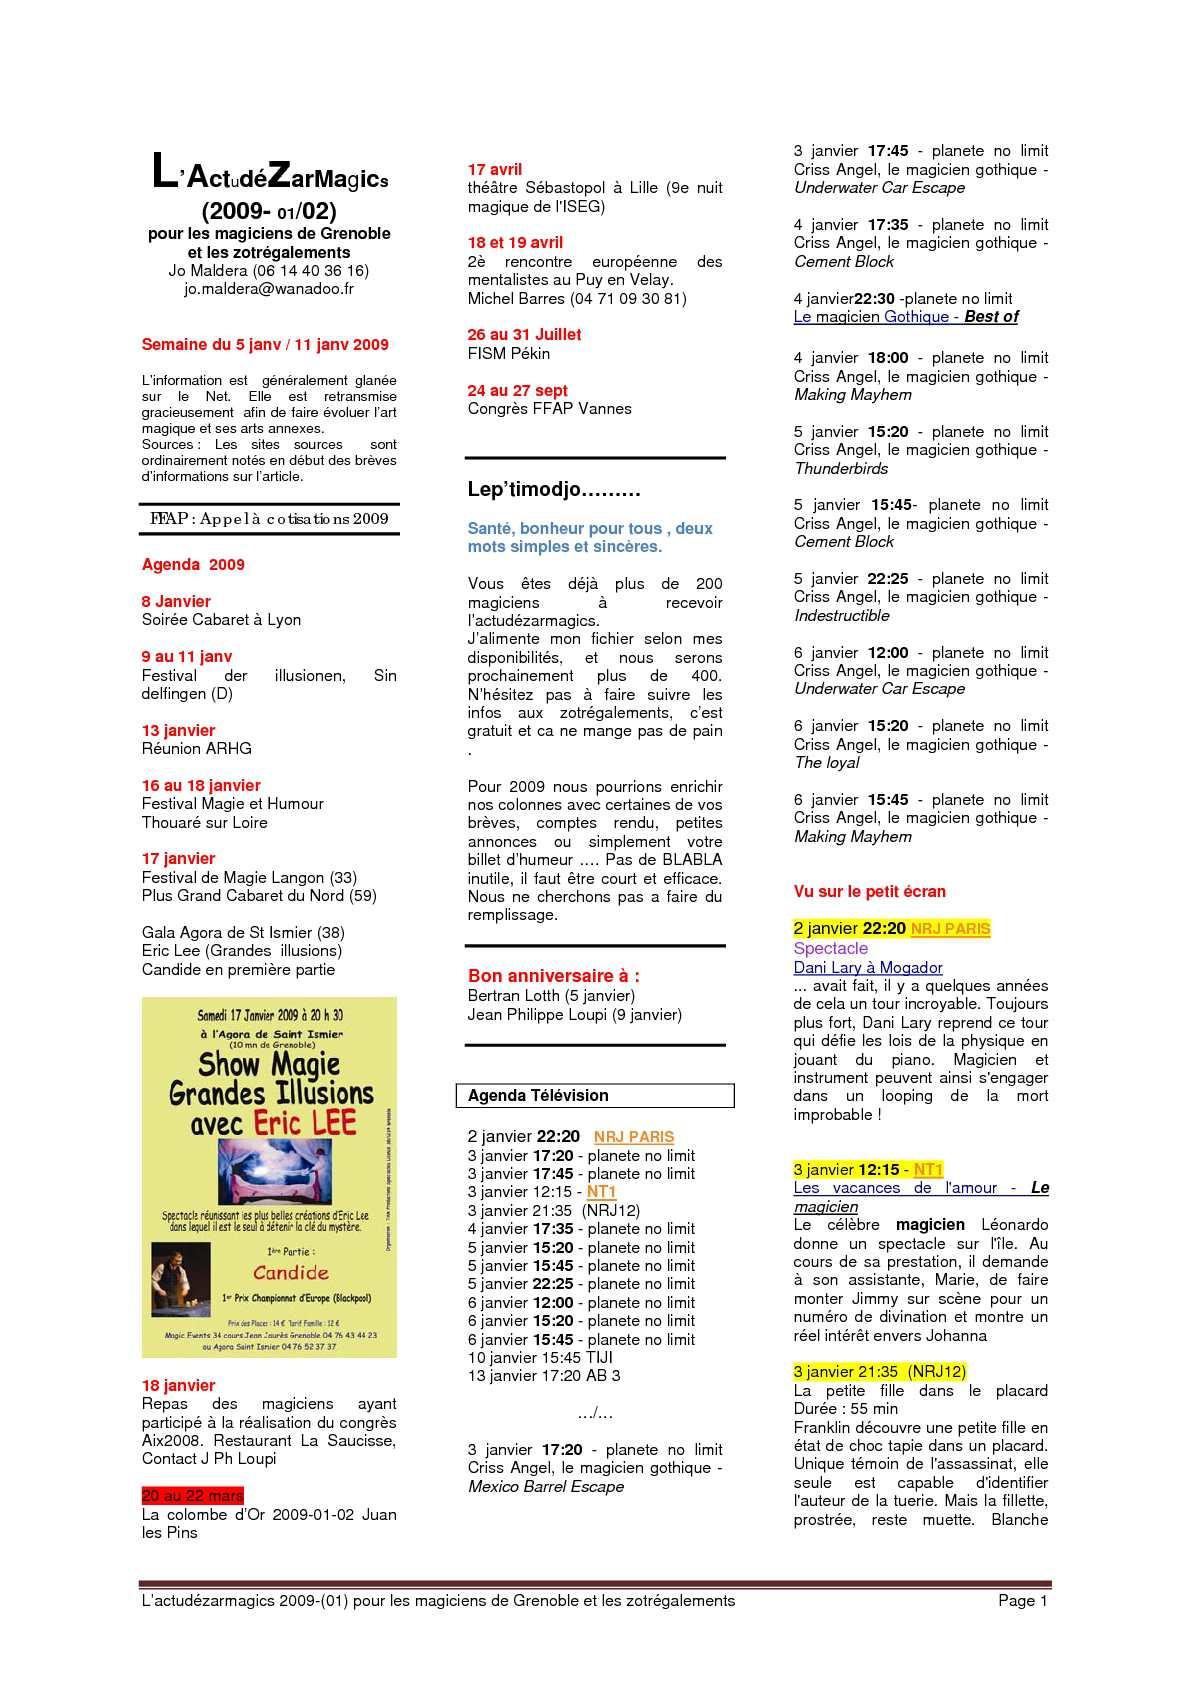 Menu Reveillon De Noel Cora.Calameo 2009 Actu Des Arts Magiques Annee 2009 N 1 A 50